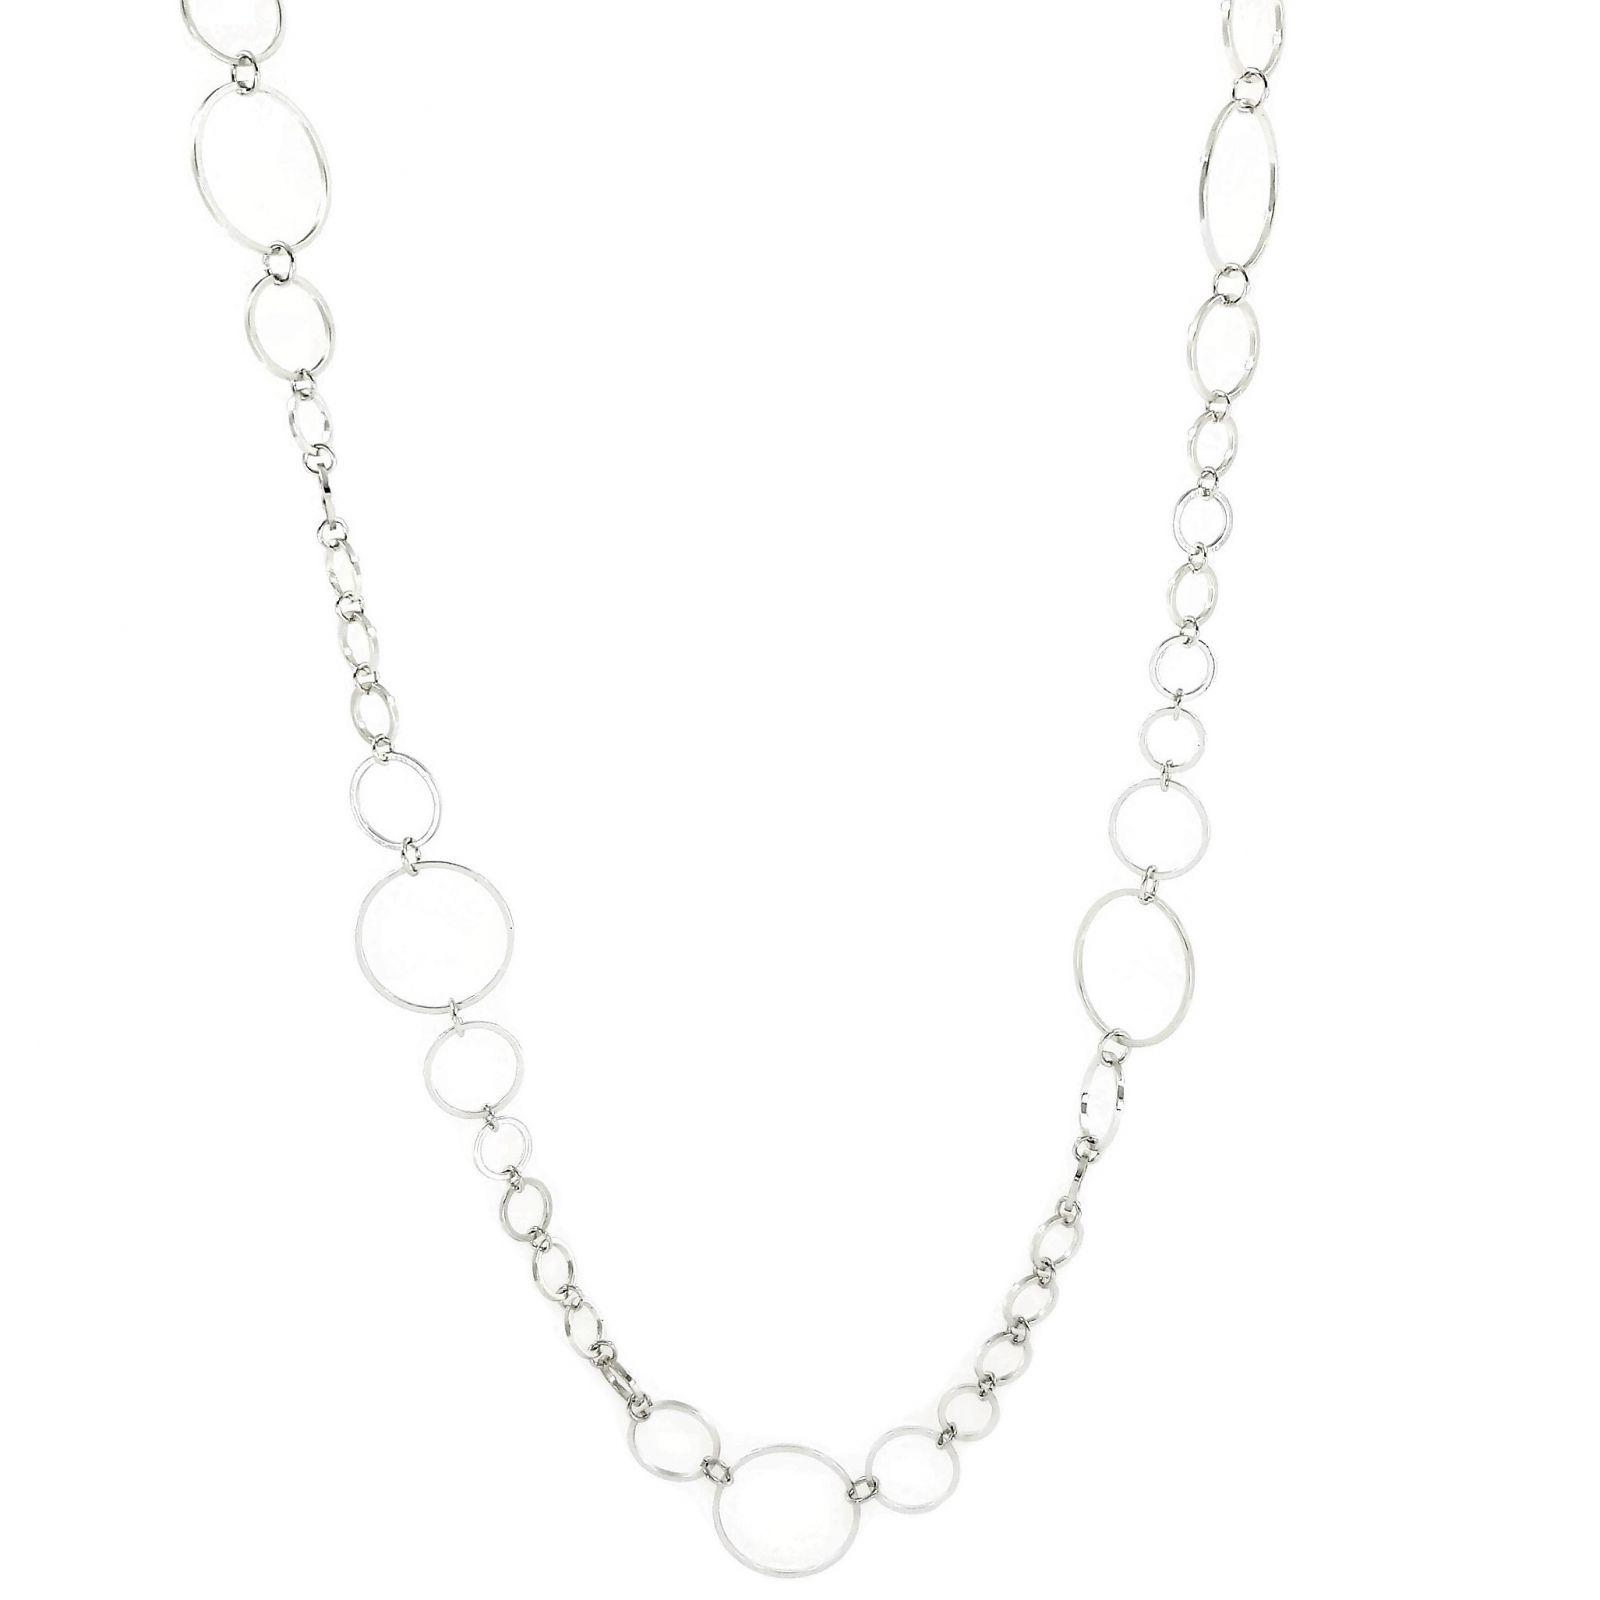 Dlouhý stříbrný náhrdelník složený z kroužků